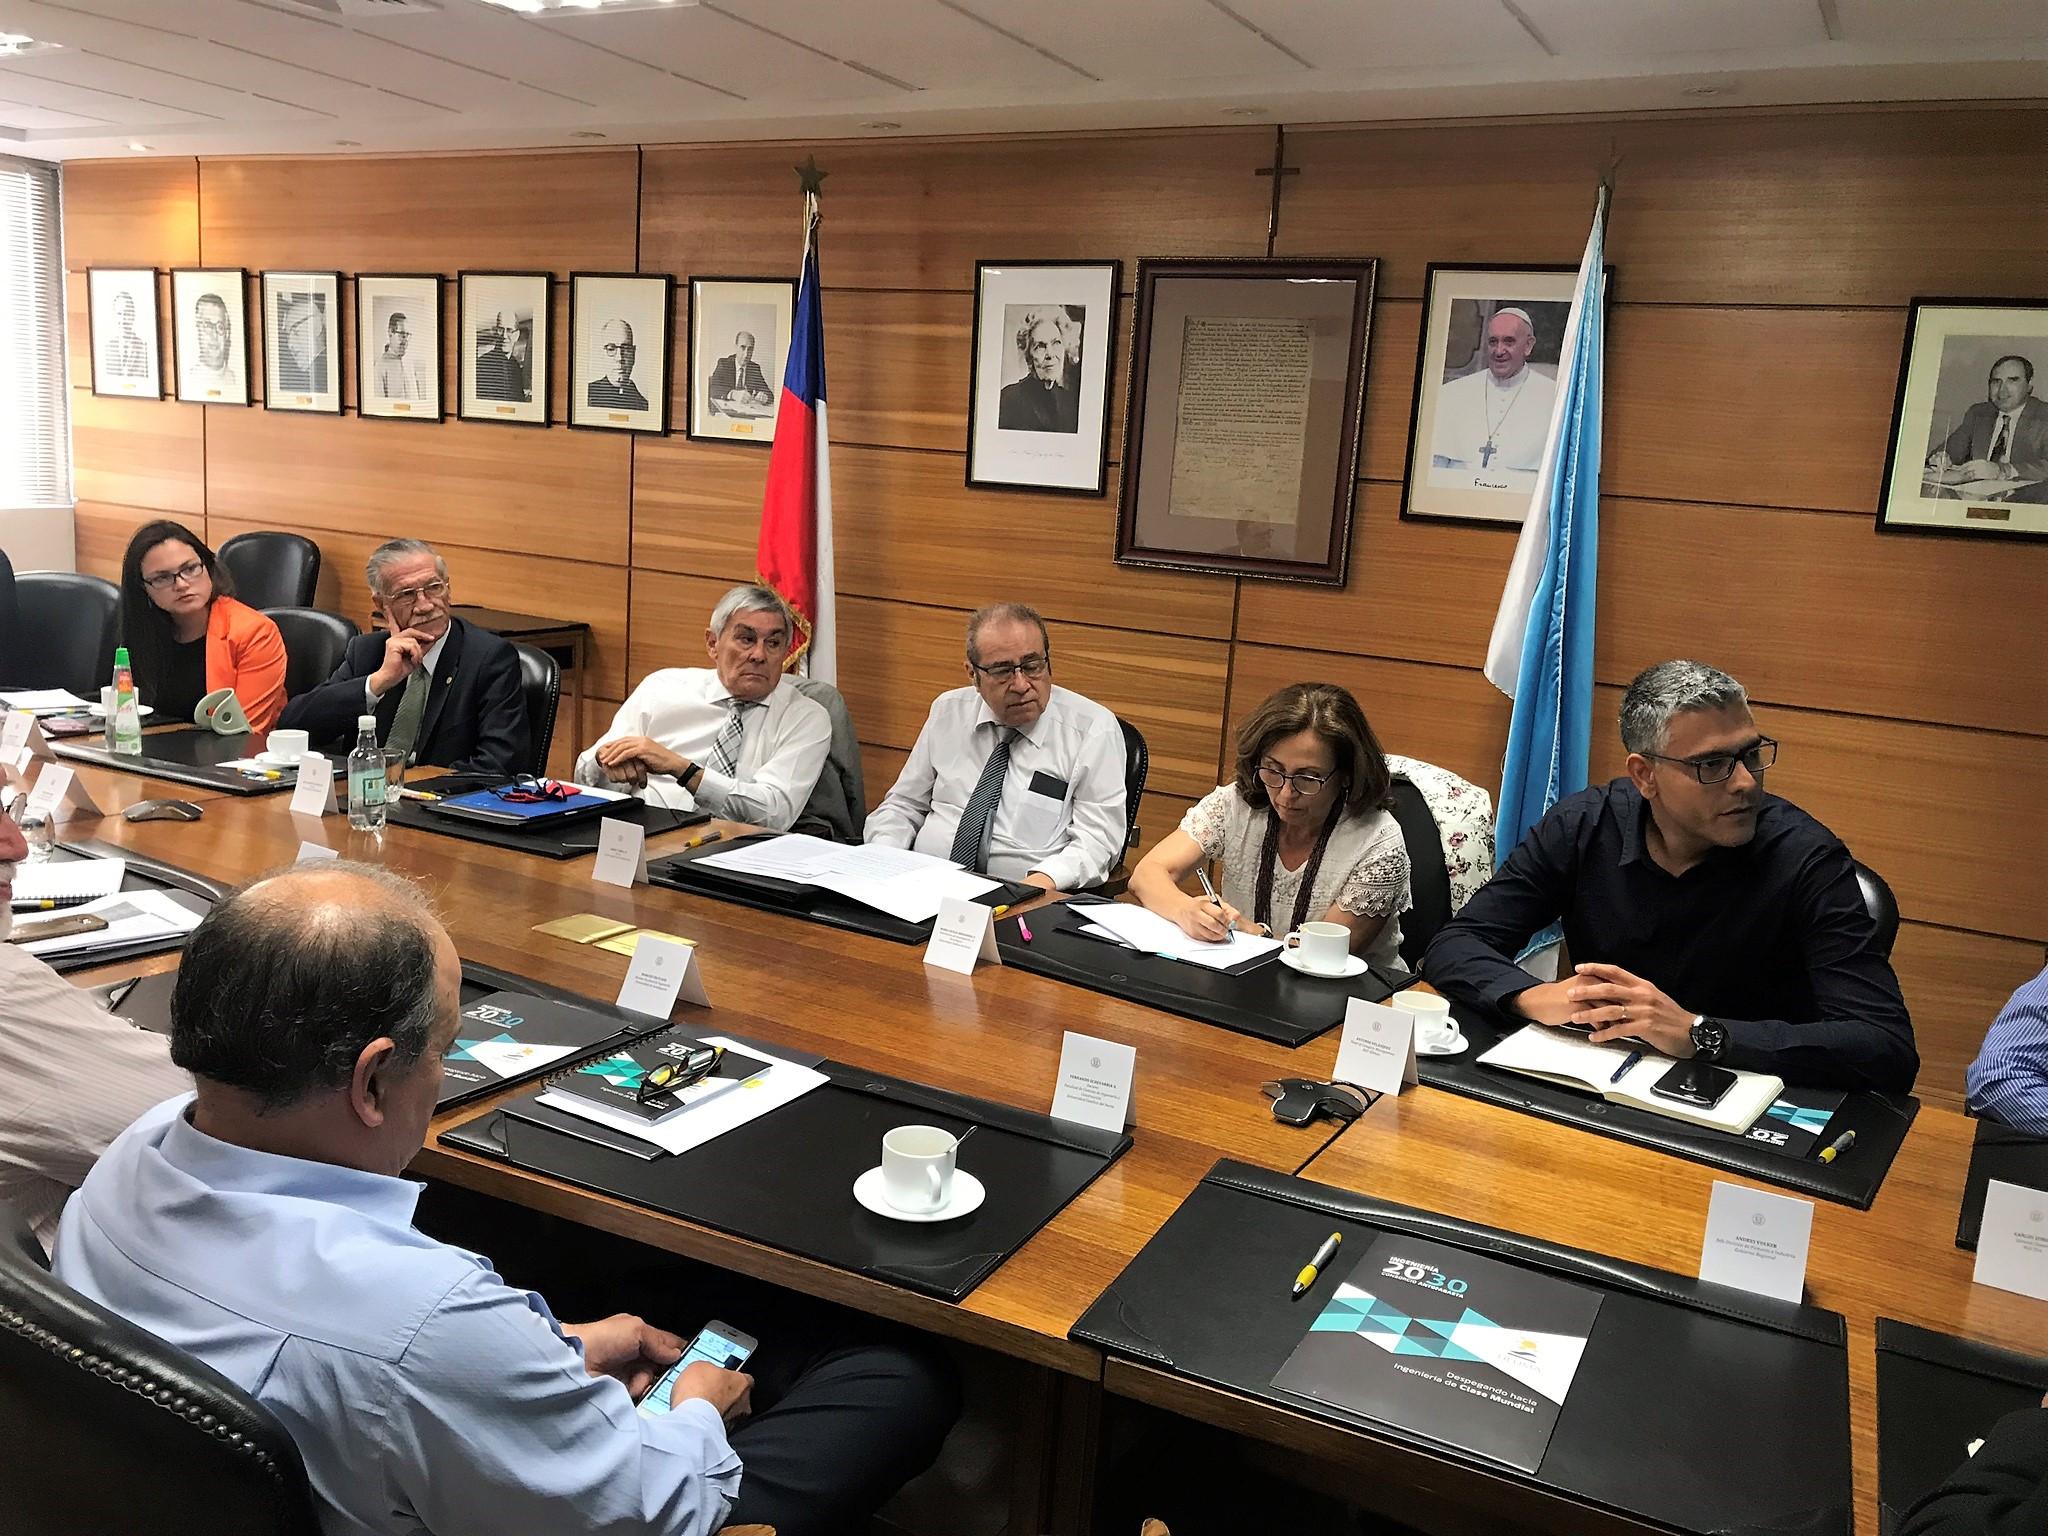 Presentan balance del primer año del Consorcio Heuma en sesión de Directorio Estratégico